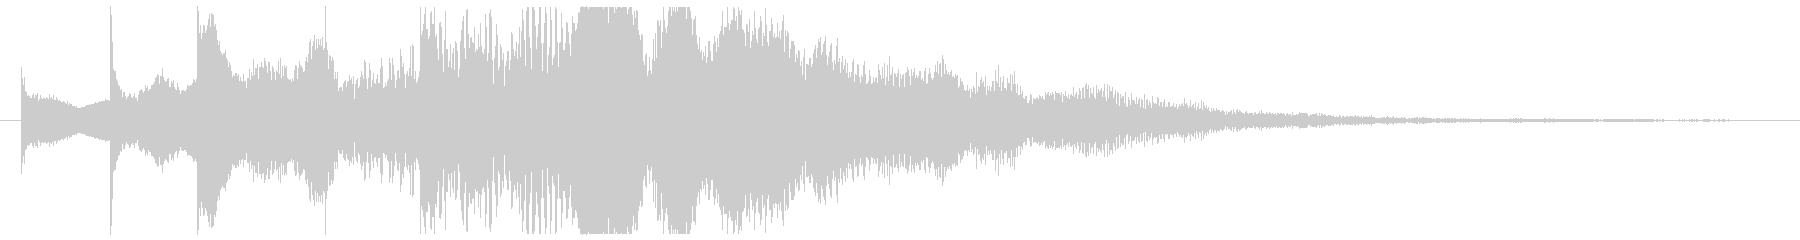 パッドとトイピアノ系の広がりあるSEの未再生の波形